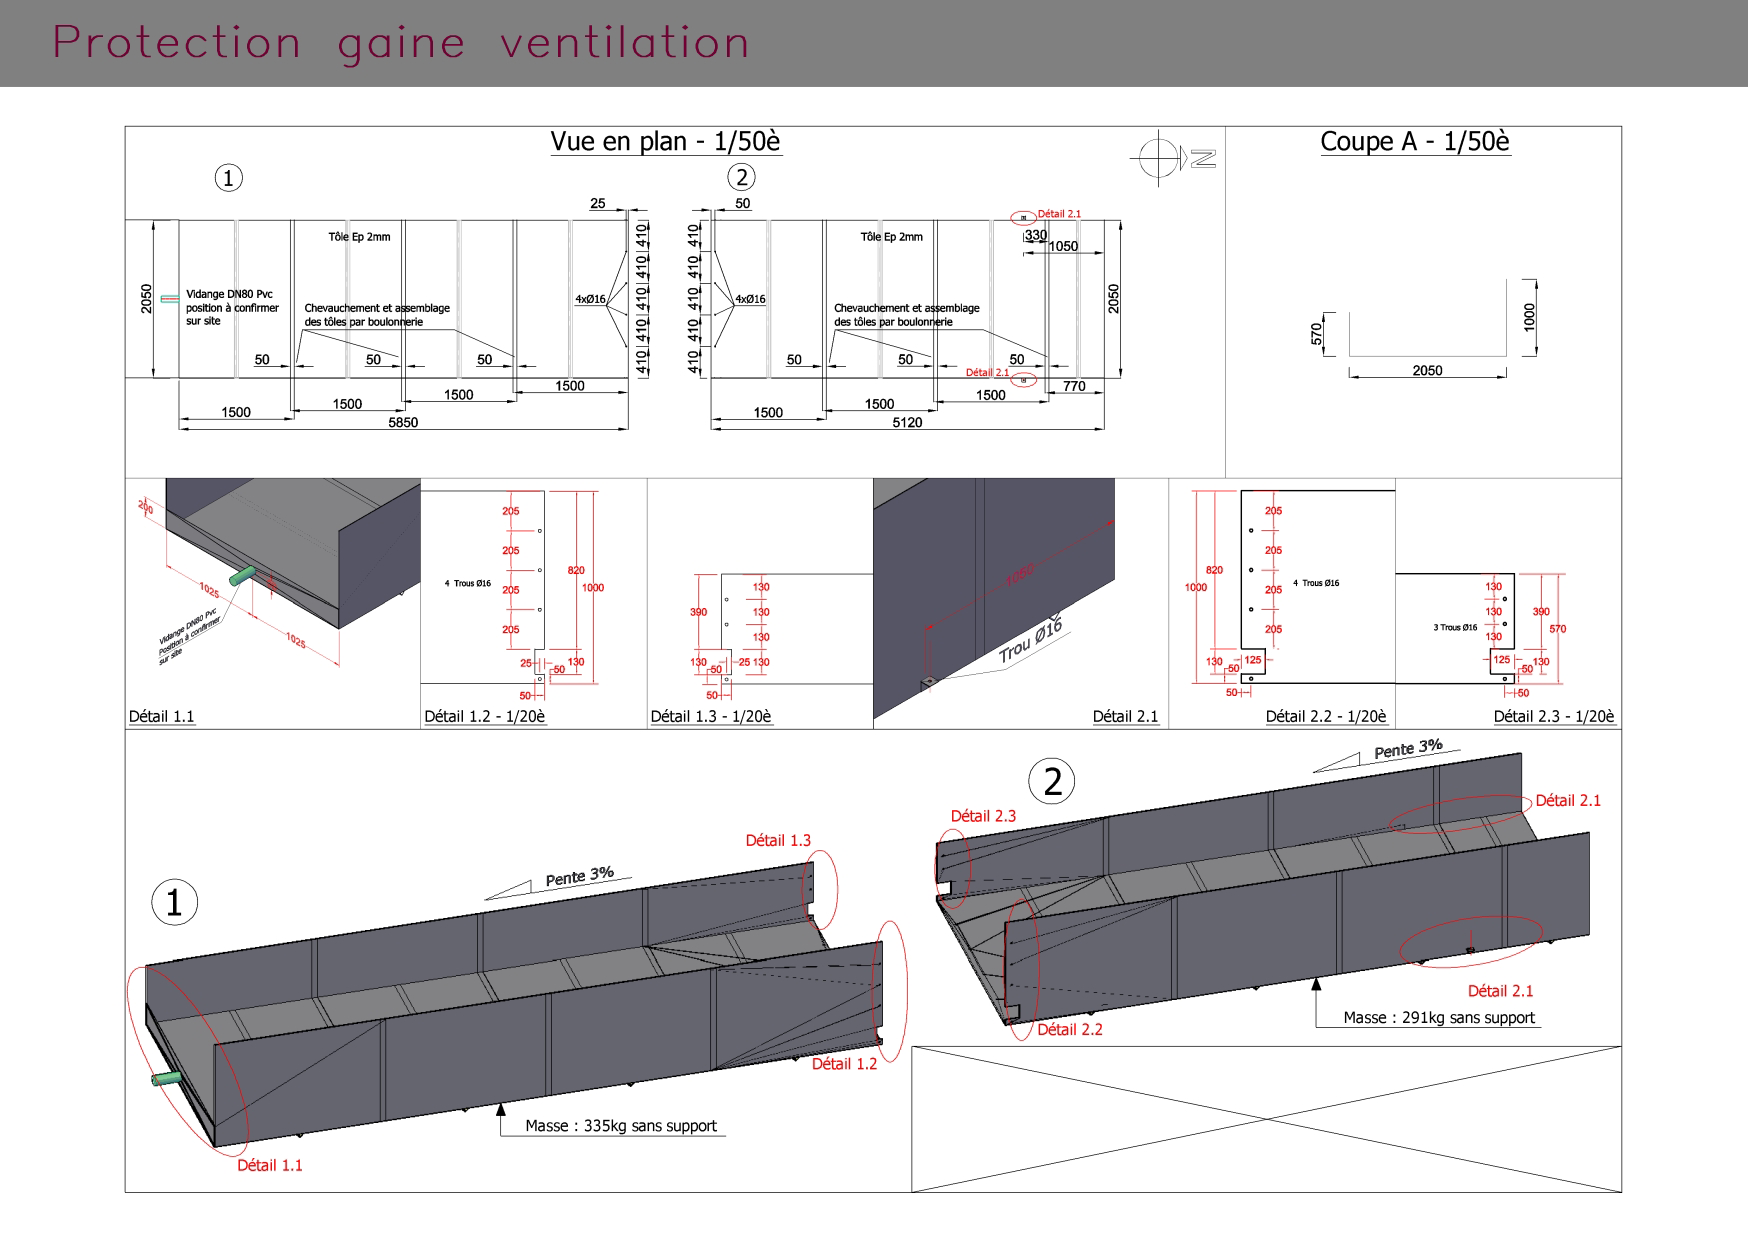 Protection gaine ventilation : plans et coupes